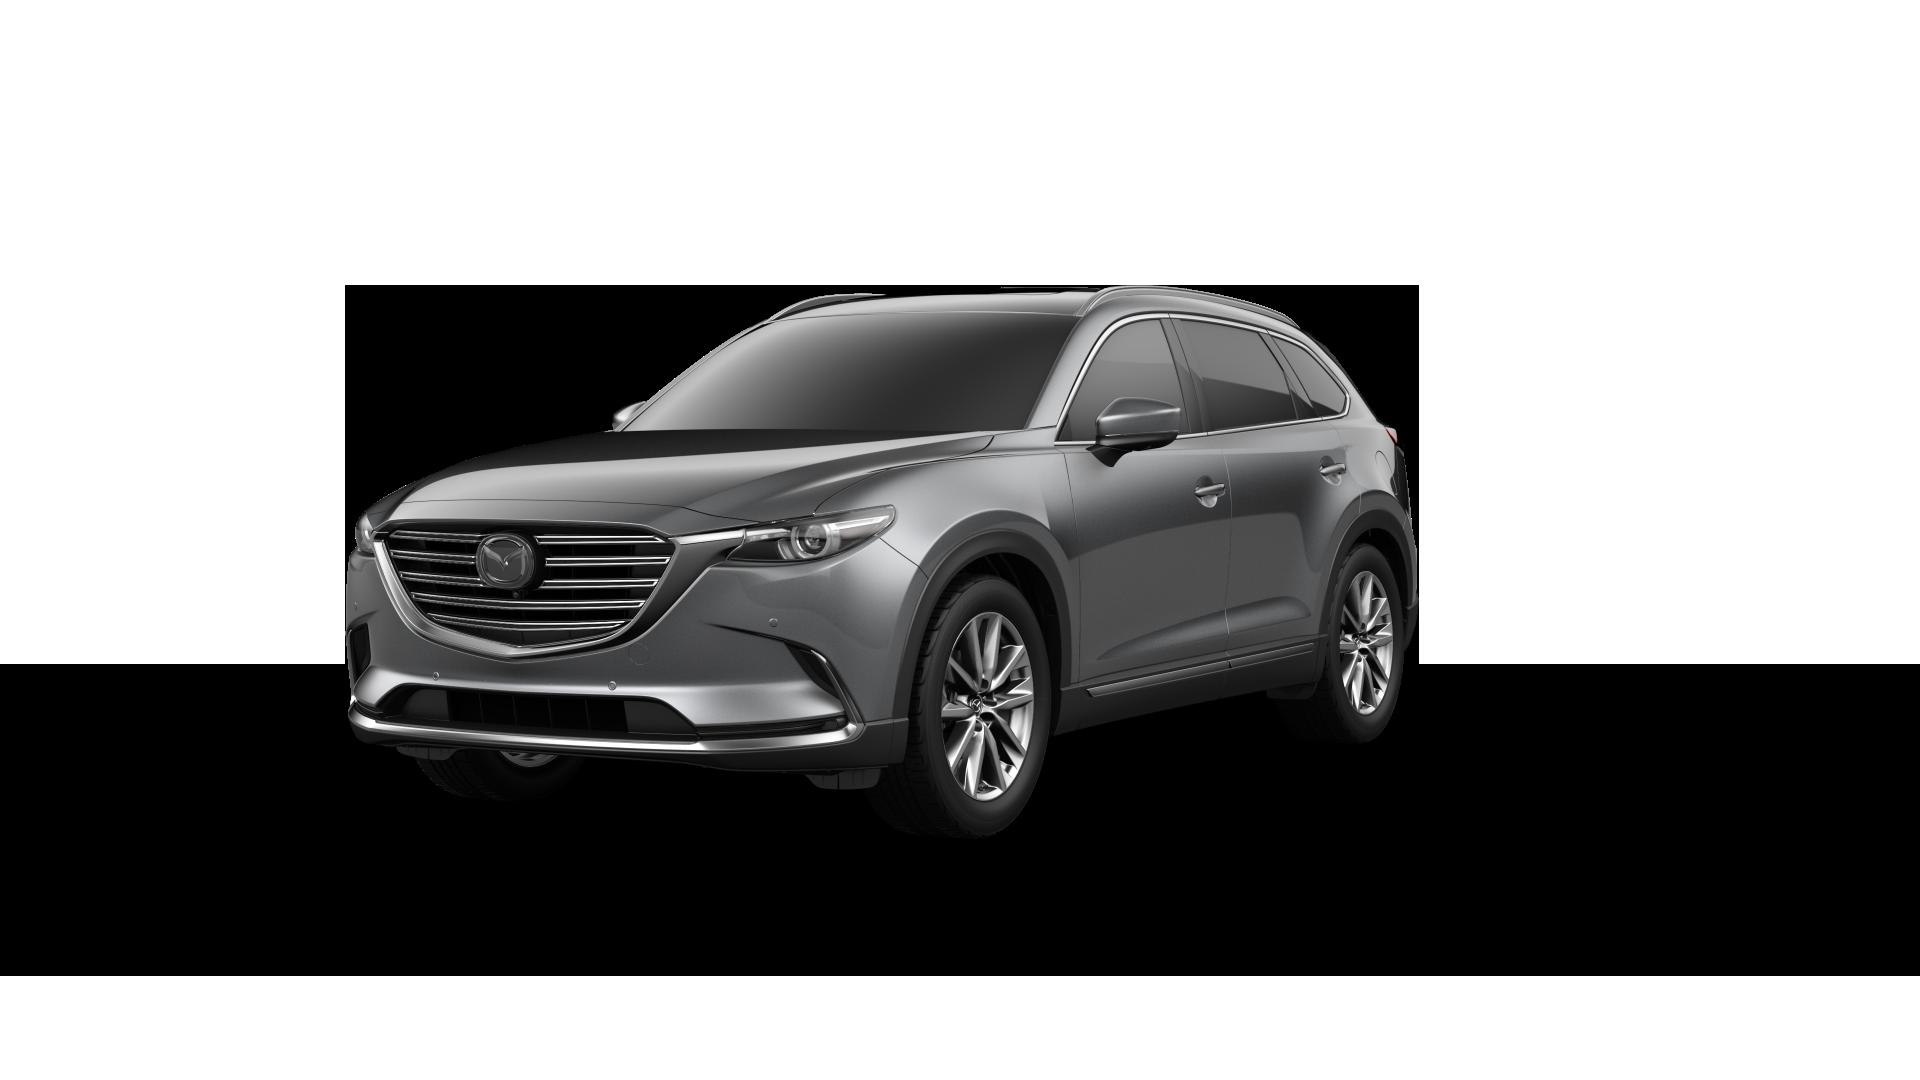 Delightful The 2019 Mazda CX 9